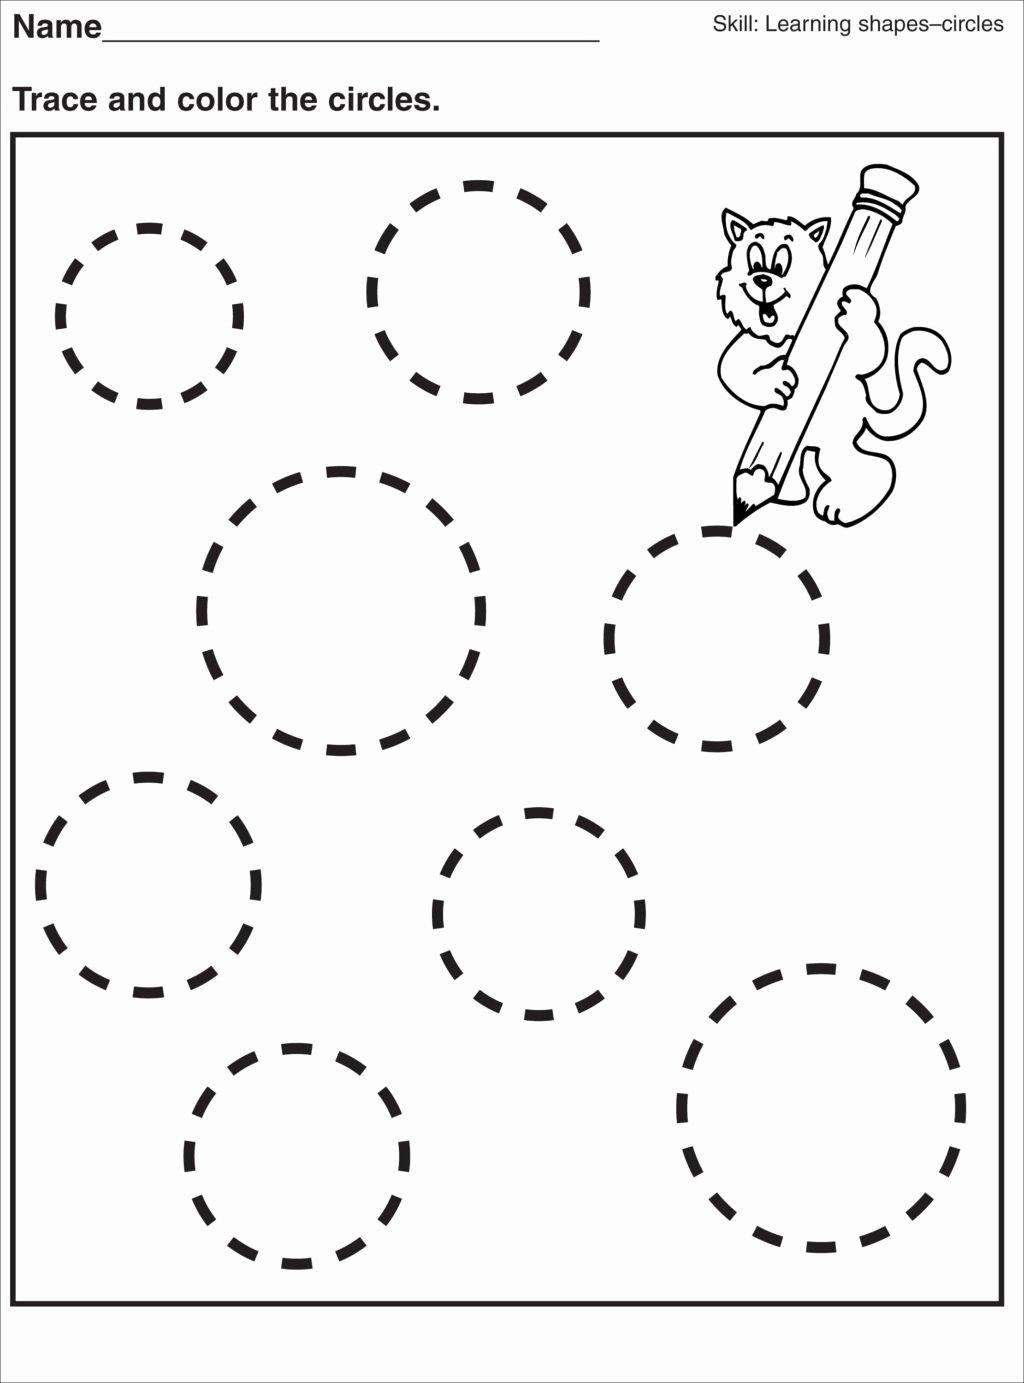 Winter Activities Worksheets For Preschoolers